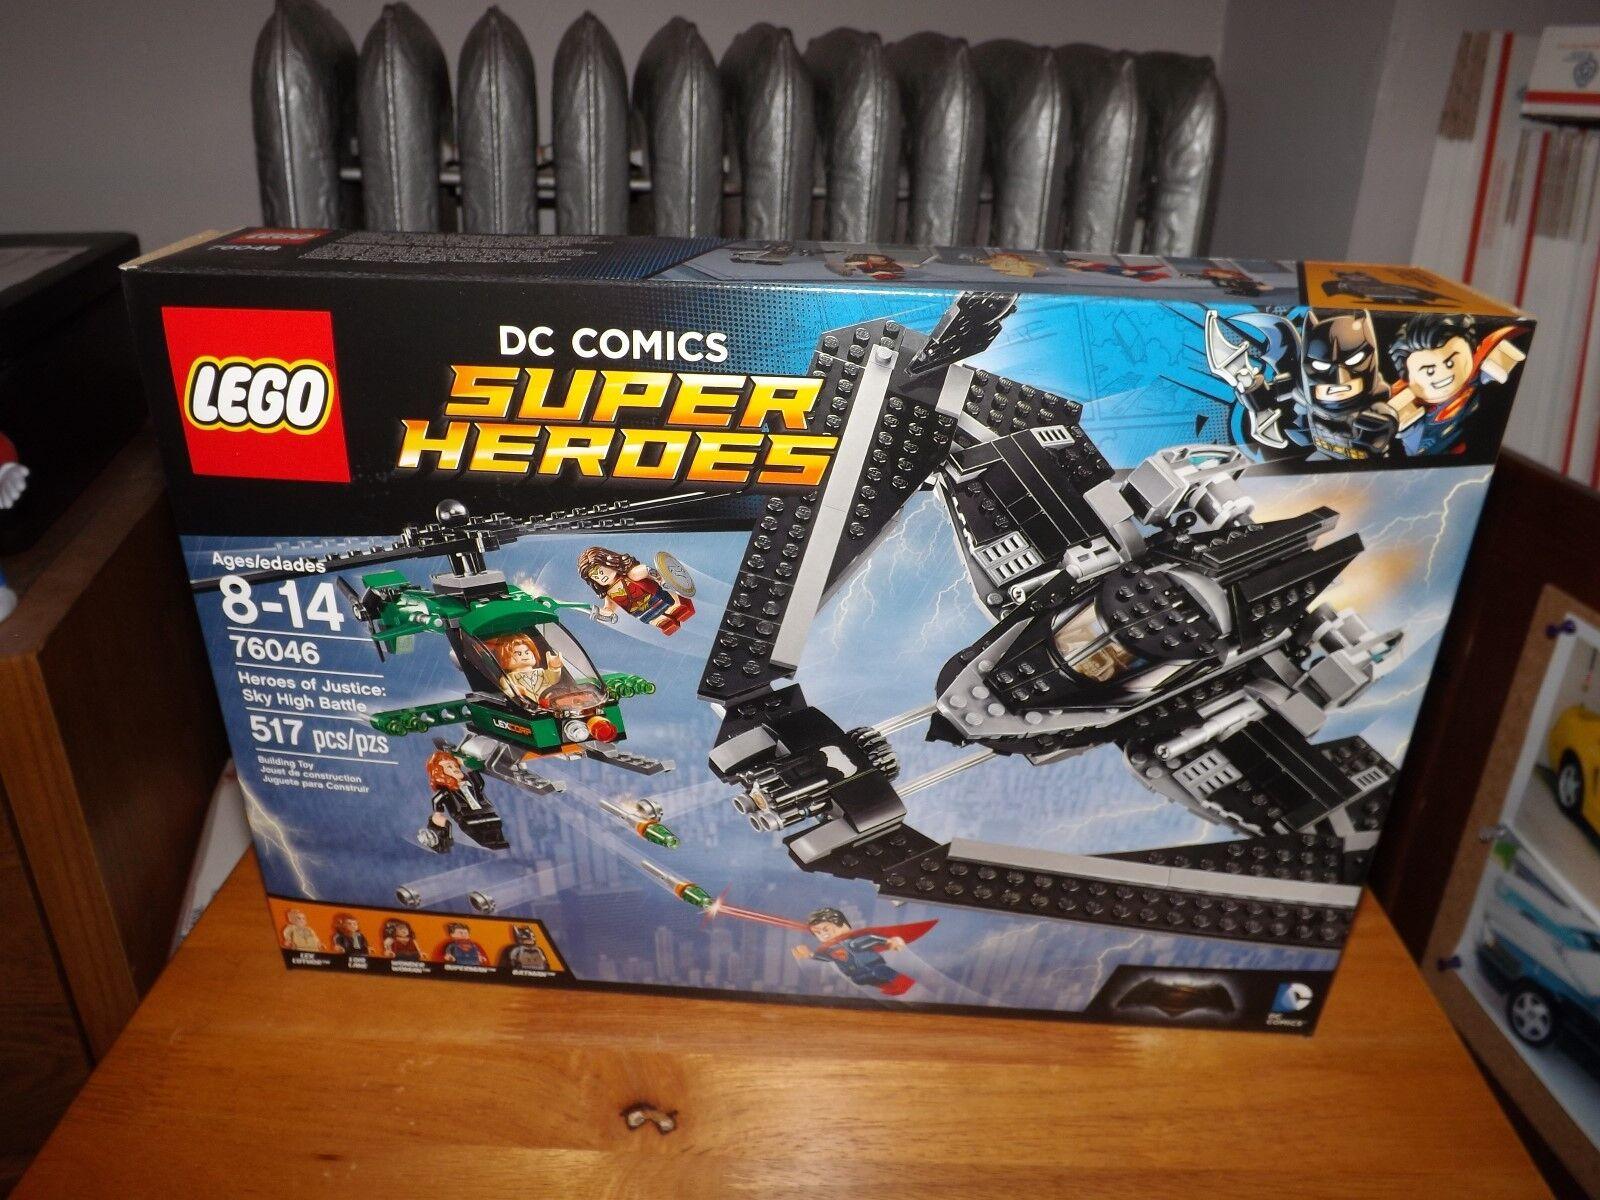 LEGO DC COMICS SUPER HEROES, HEROES OF JUSTICE SKY HIGH BATTLE  76046, NIB 2016